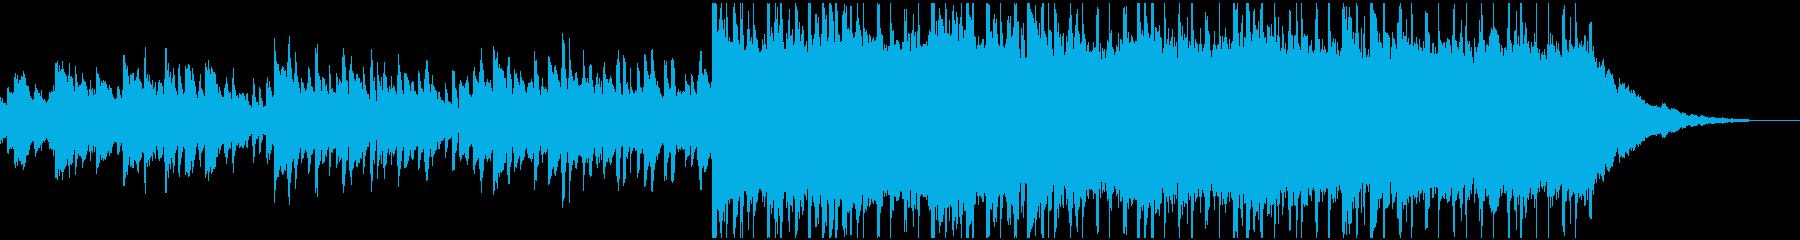 ポジティブで高揚するポップロック。...の再生済みの波形